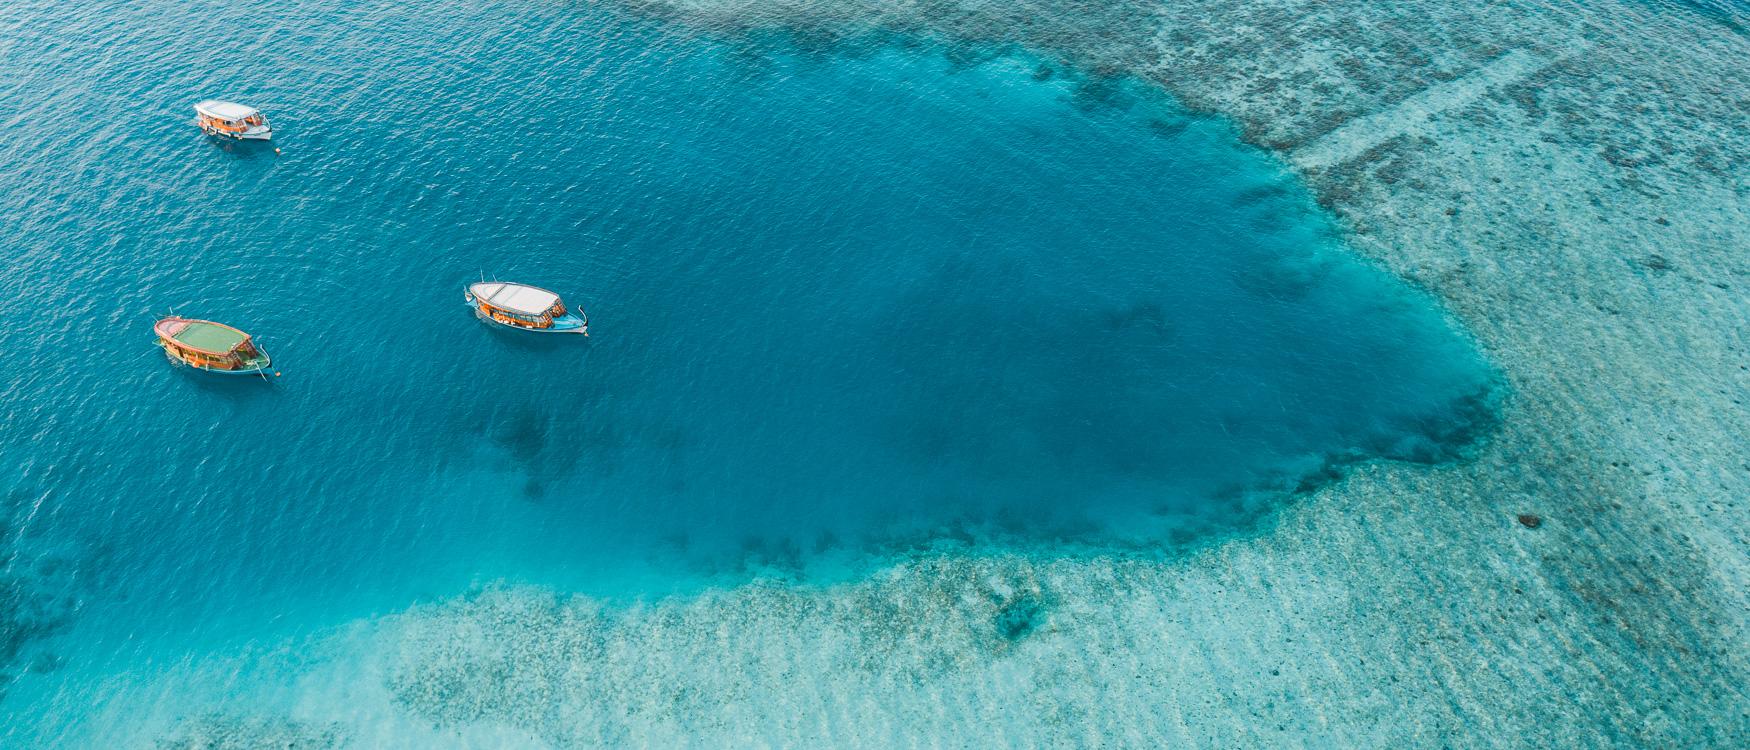 Urlaub auf den Malediven – unsere Tipps für das Paradies auf Erden